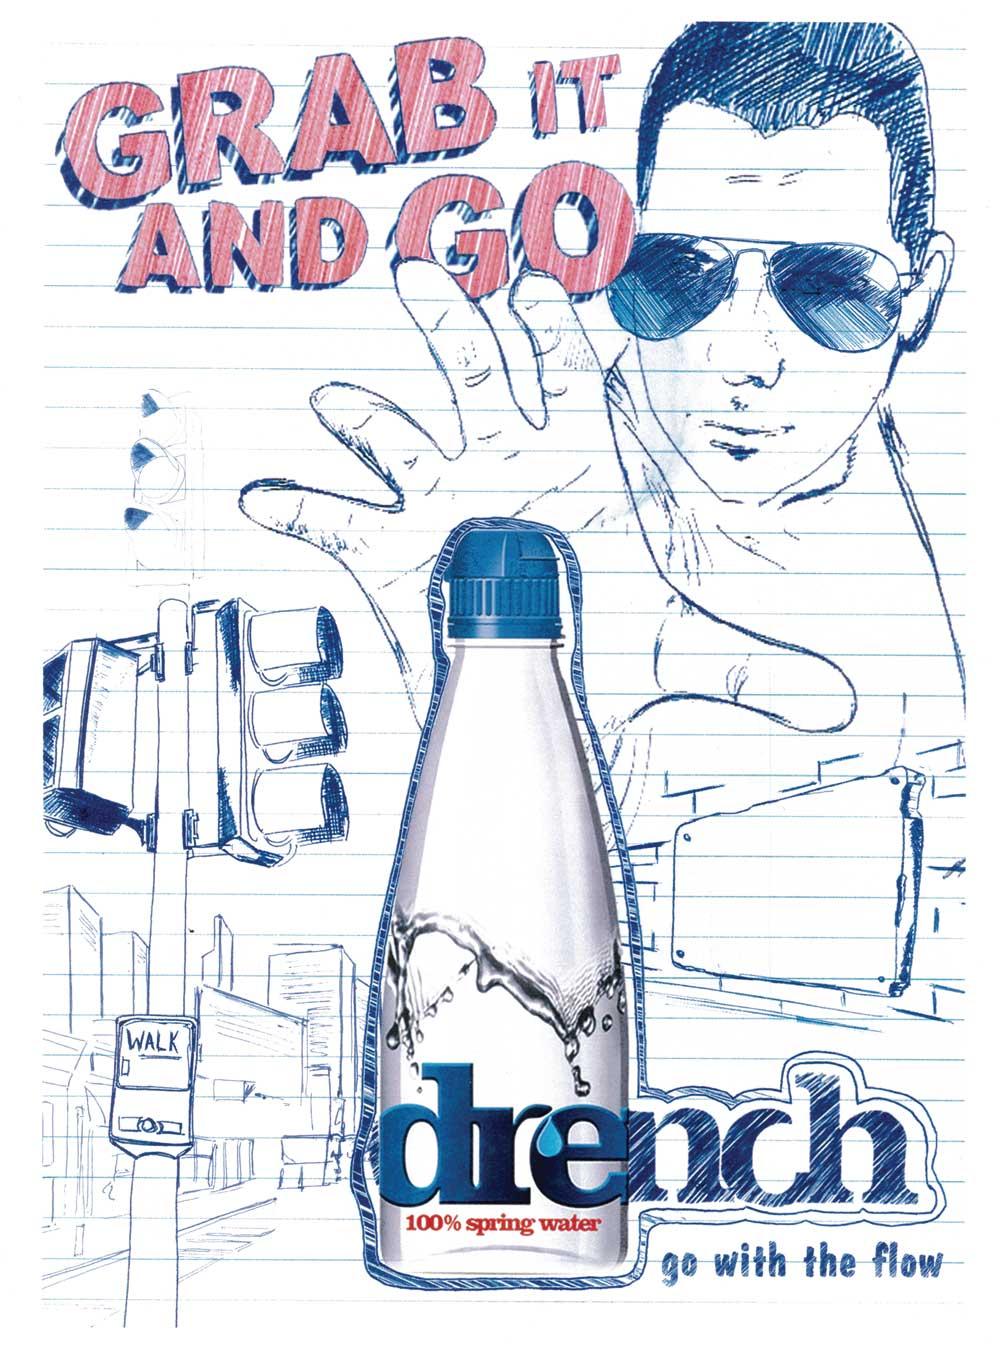 drench-2000x3000-nick-dellanno-2018-01.jpg